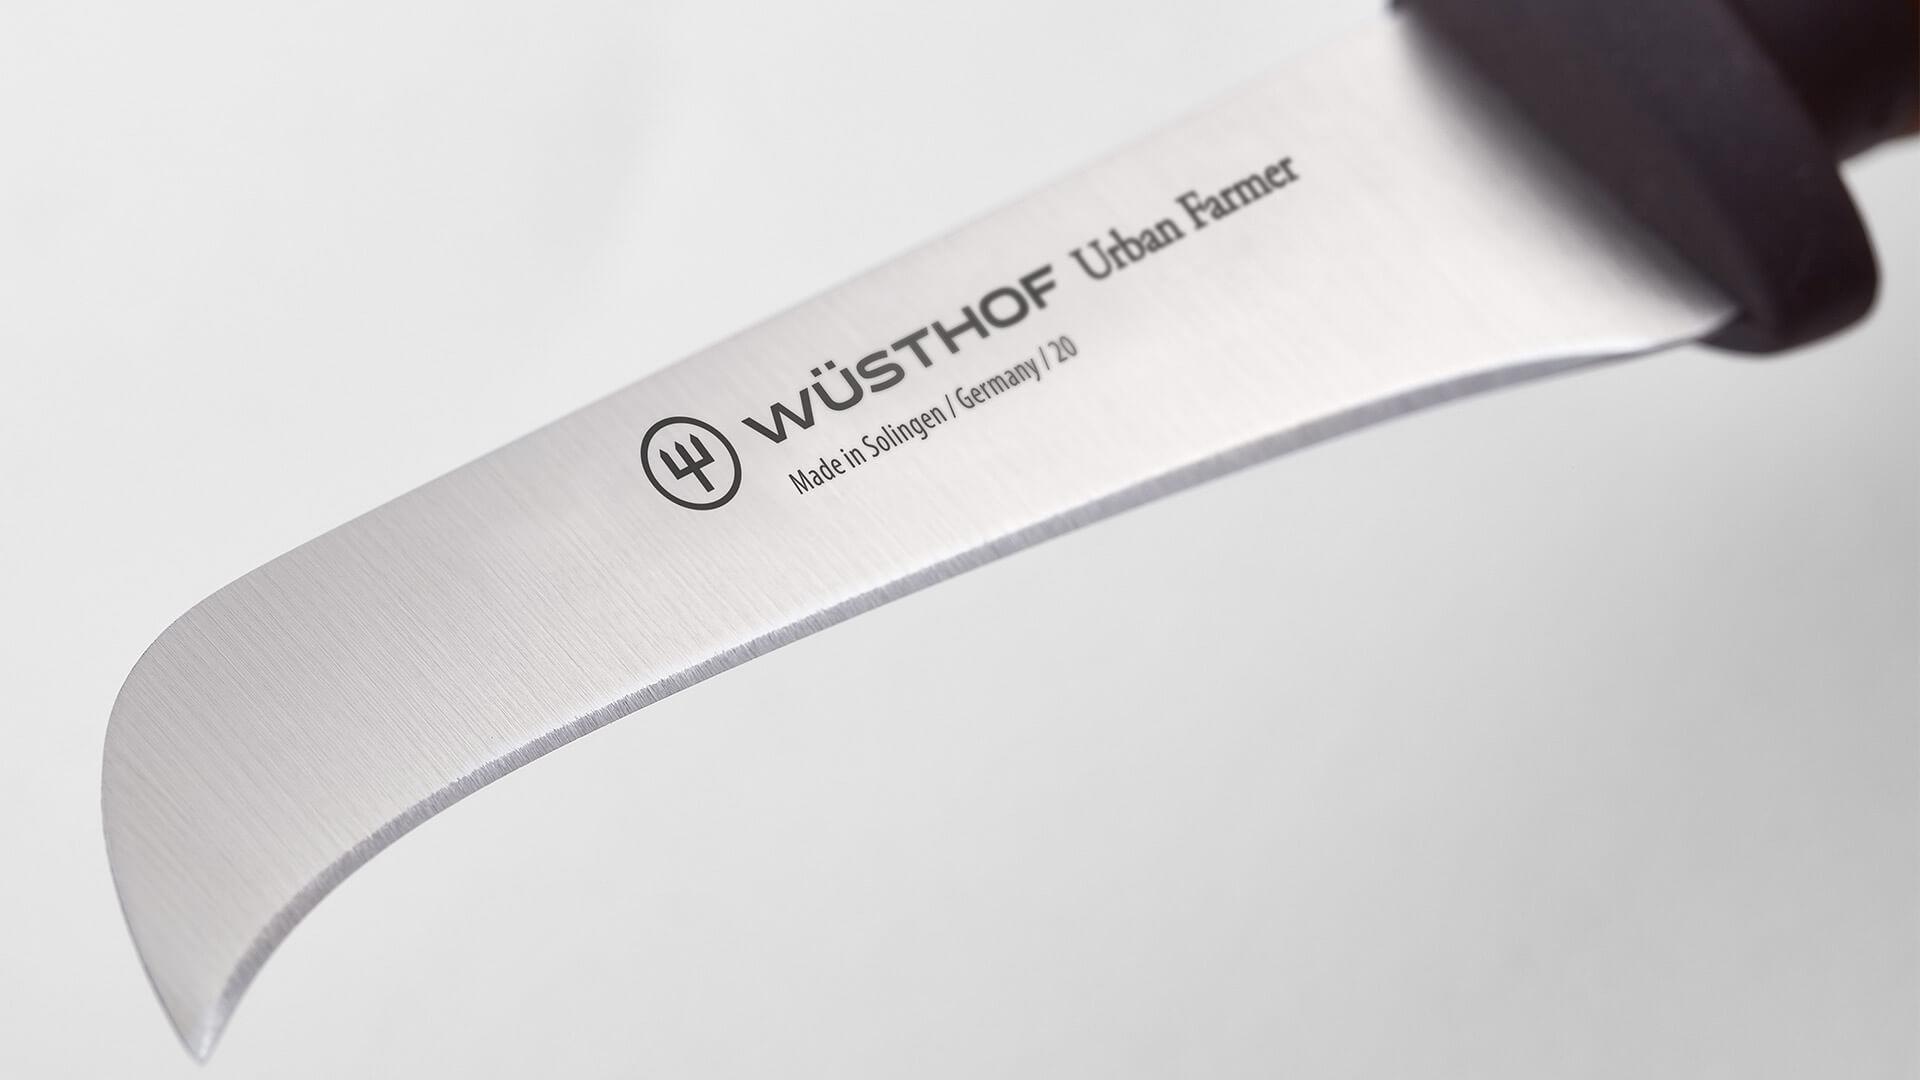 wuesthof-urban-farmer-erntemesser-gaertnermesser-solingen-kaufen